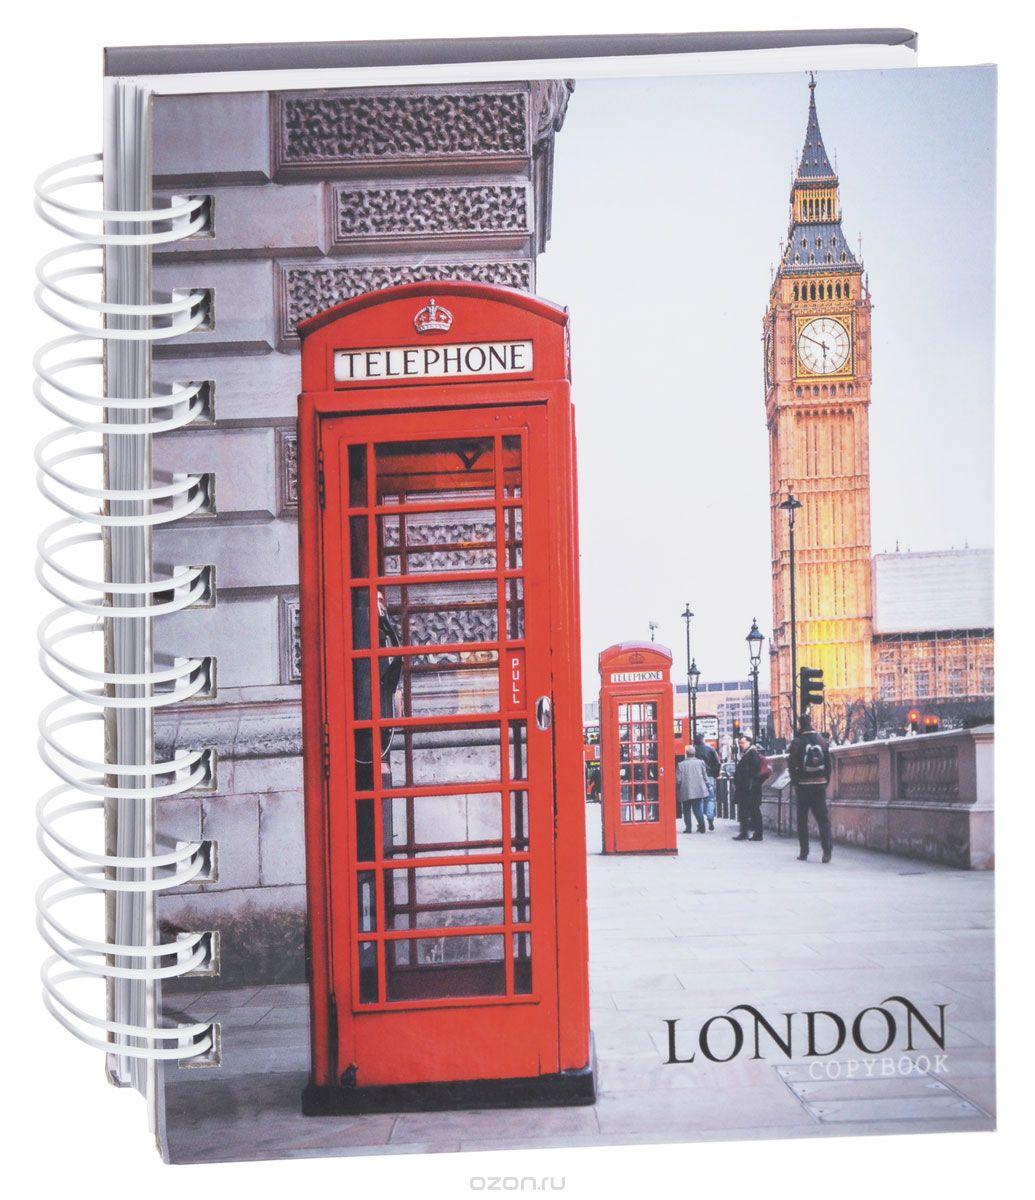 Listoff Тетрадь Лондонский пейзаж 180 листов в клеткуТСЛ61804875Тетрадь Listoff Лондонский пейзаж подойдет как школьнику, так и студенту. Обложка тетради выполнена из прочного картона и оформлена изображением улицы Лондона с видом на Биг-Бен. Внутренний блок тетради на гребне состоит из 180 листов белой бумаги с линовкой в клетку.